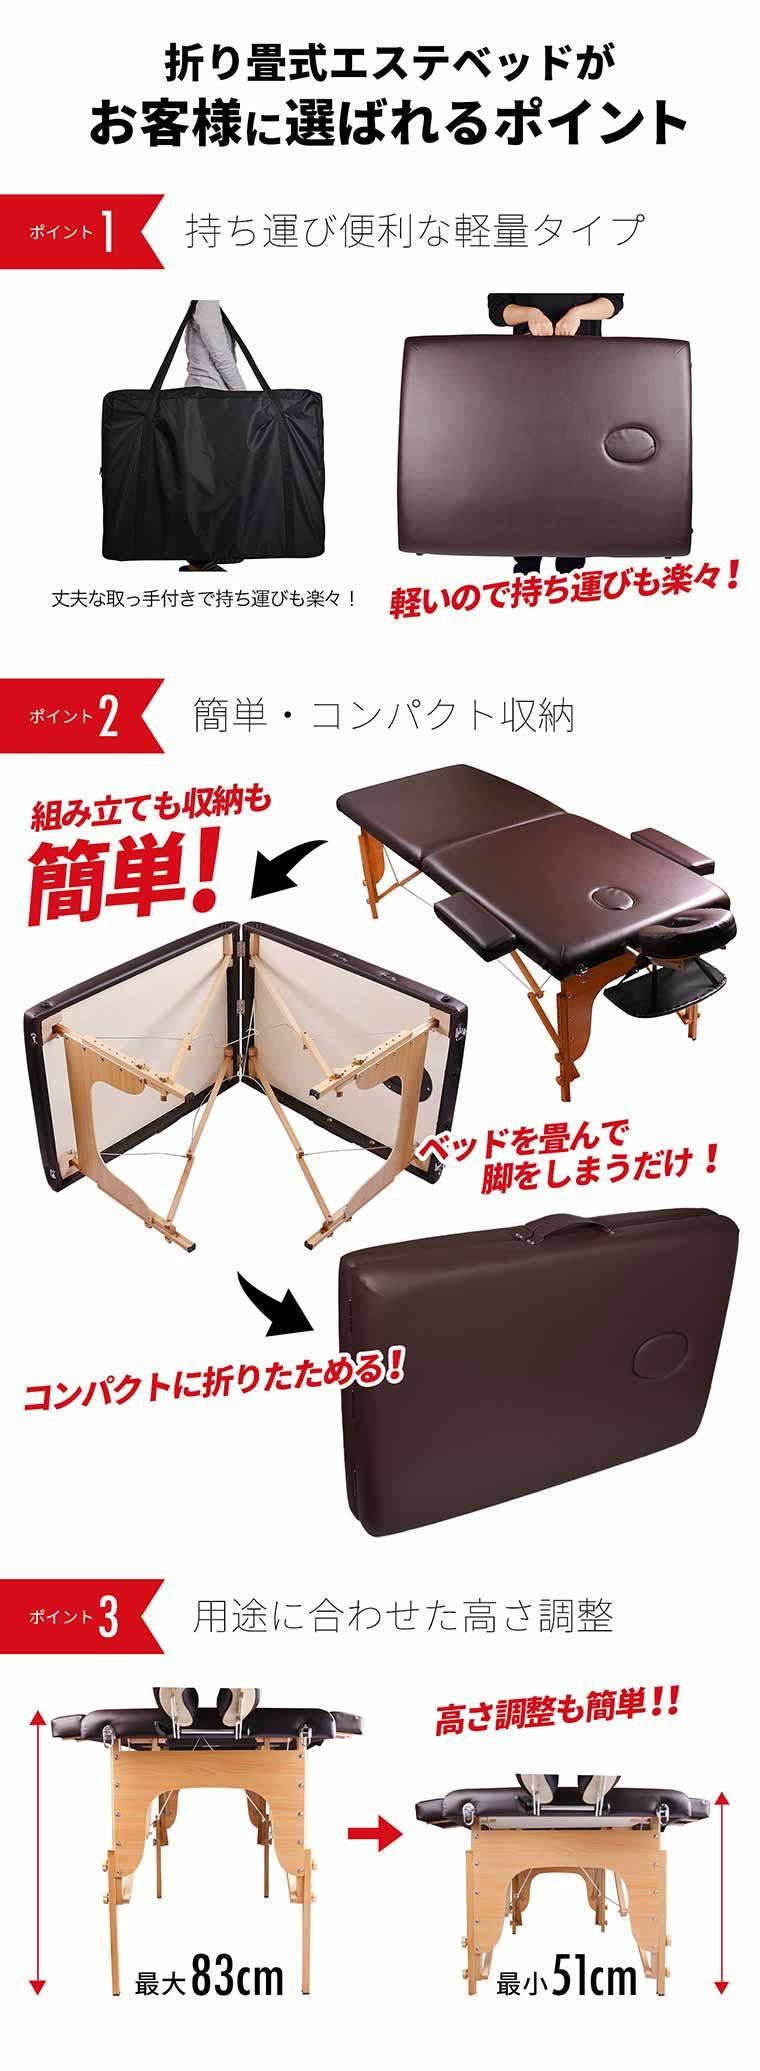 木製折り畳みマッサージベッド3点セット付き